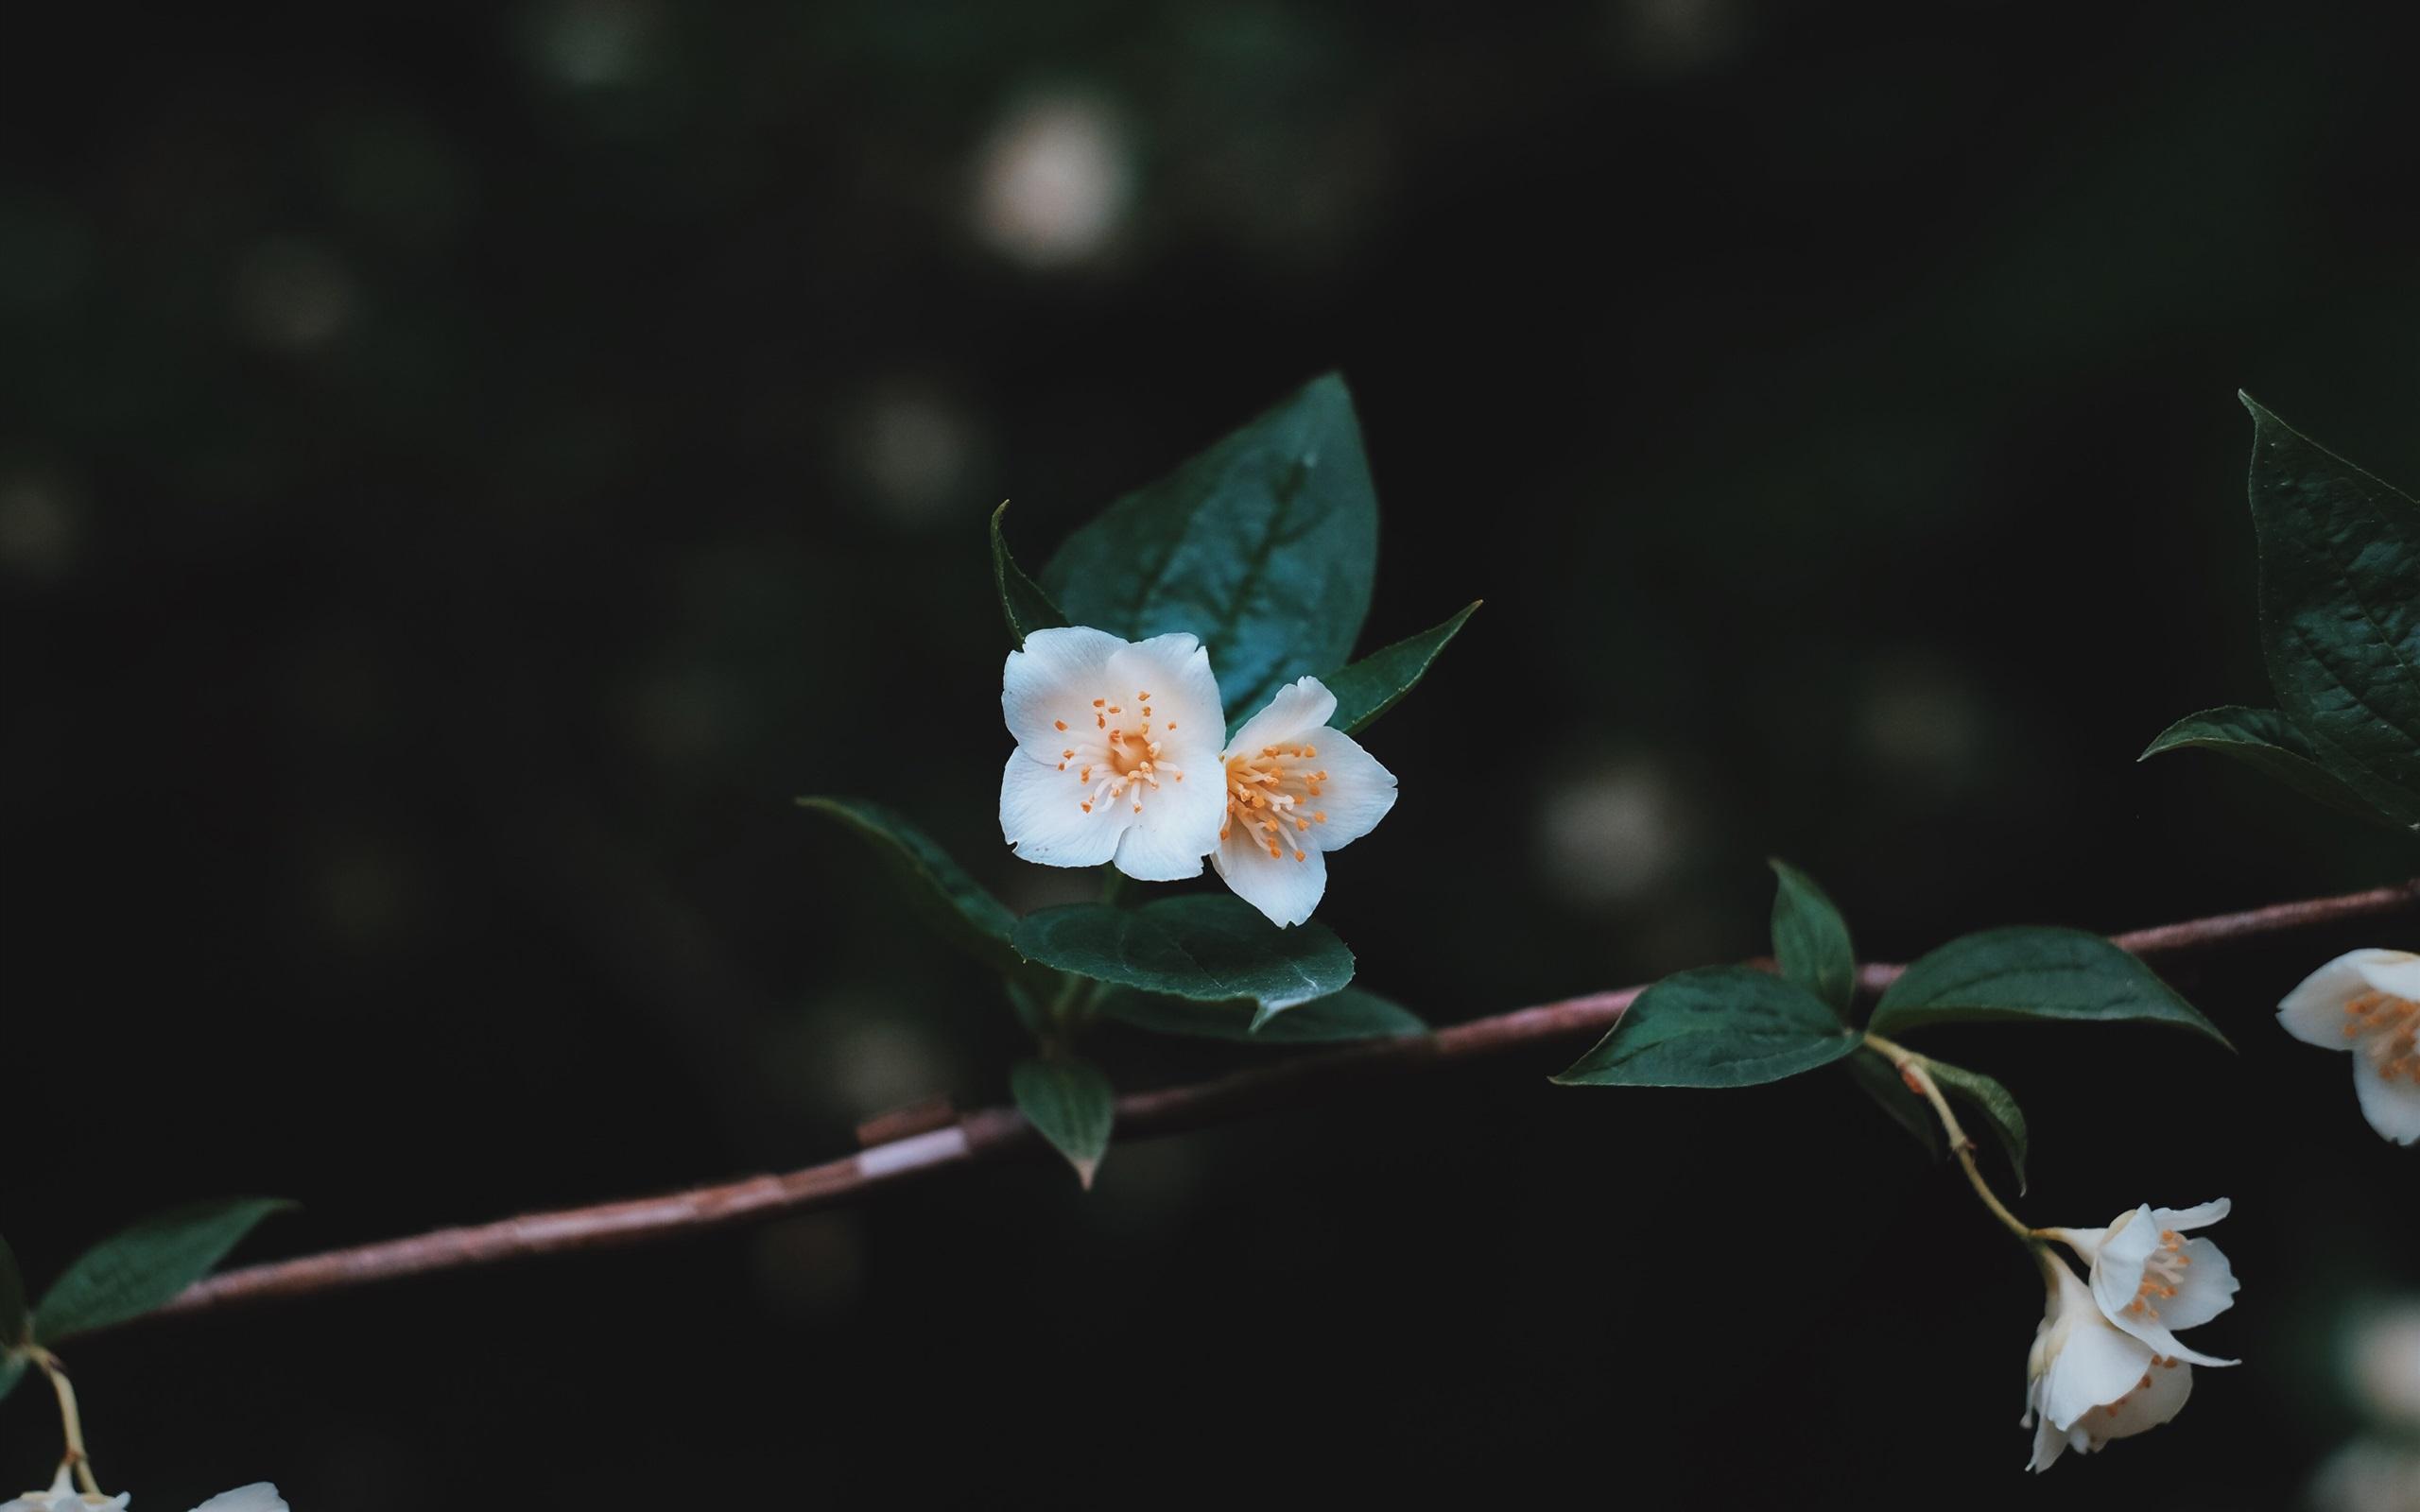 Papeis De Parede Flores Brancas Arvore Galhos Folhas Fundo